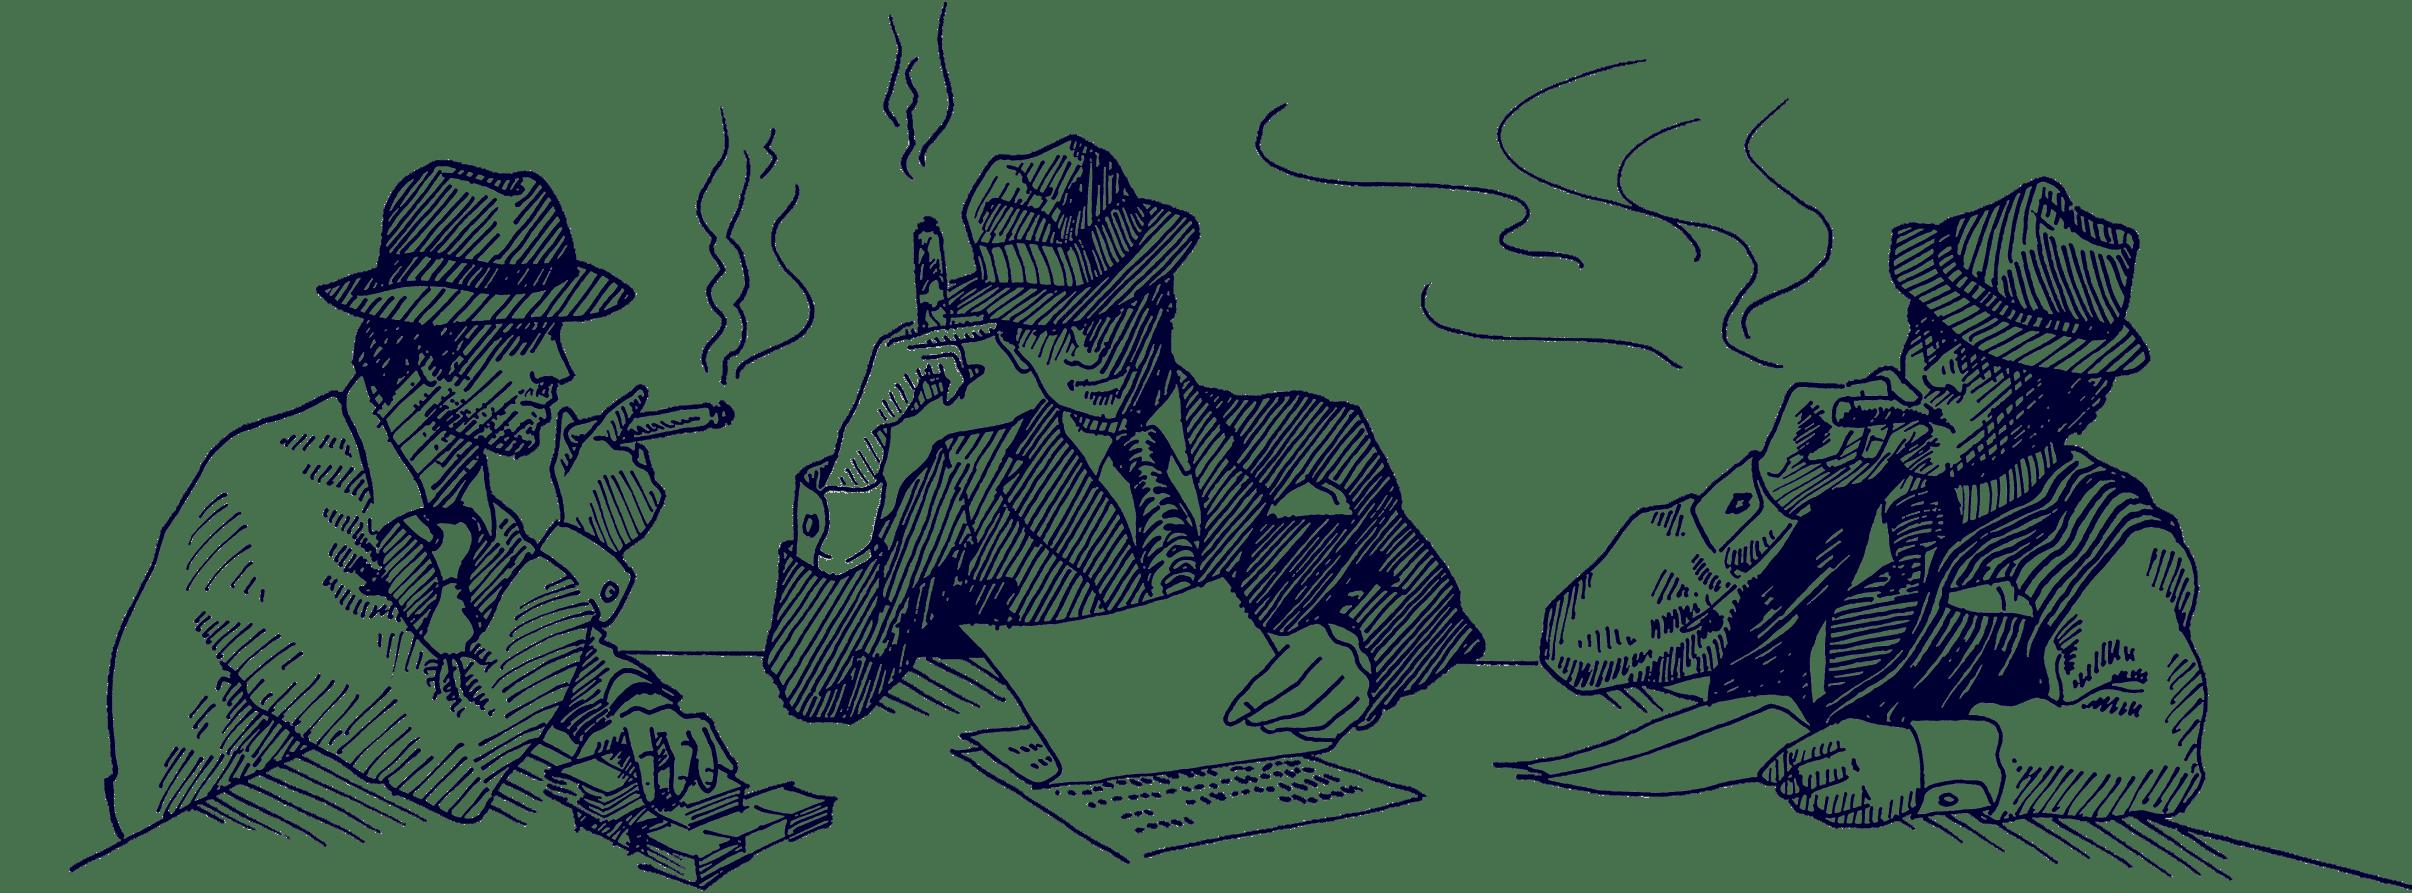 Kartell-Beihilfenrecht | Haslinger / Nagele, Illustration: Karlheinz Wasserbacher